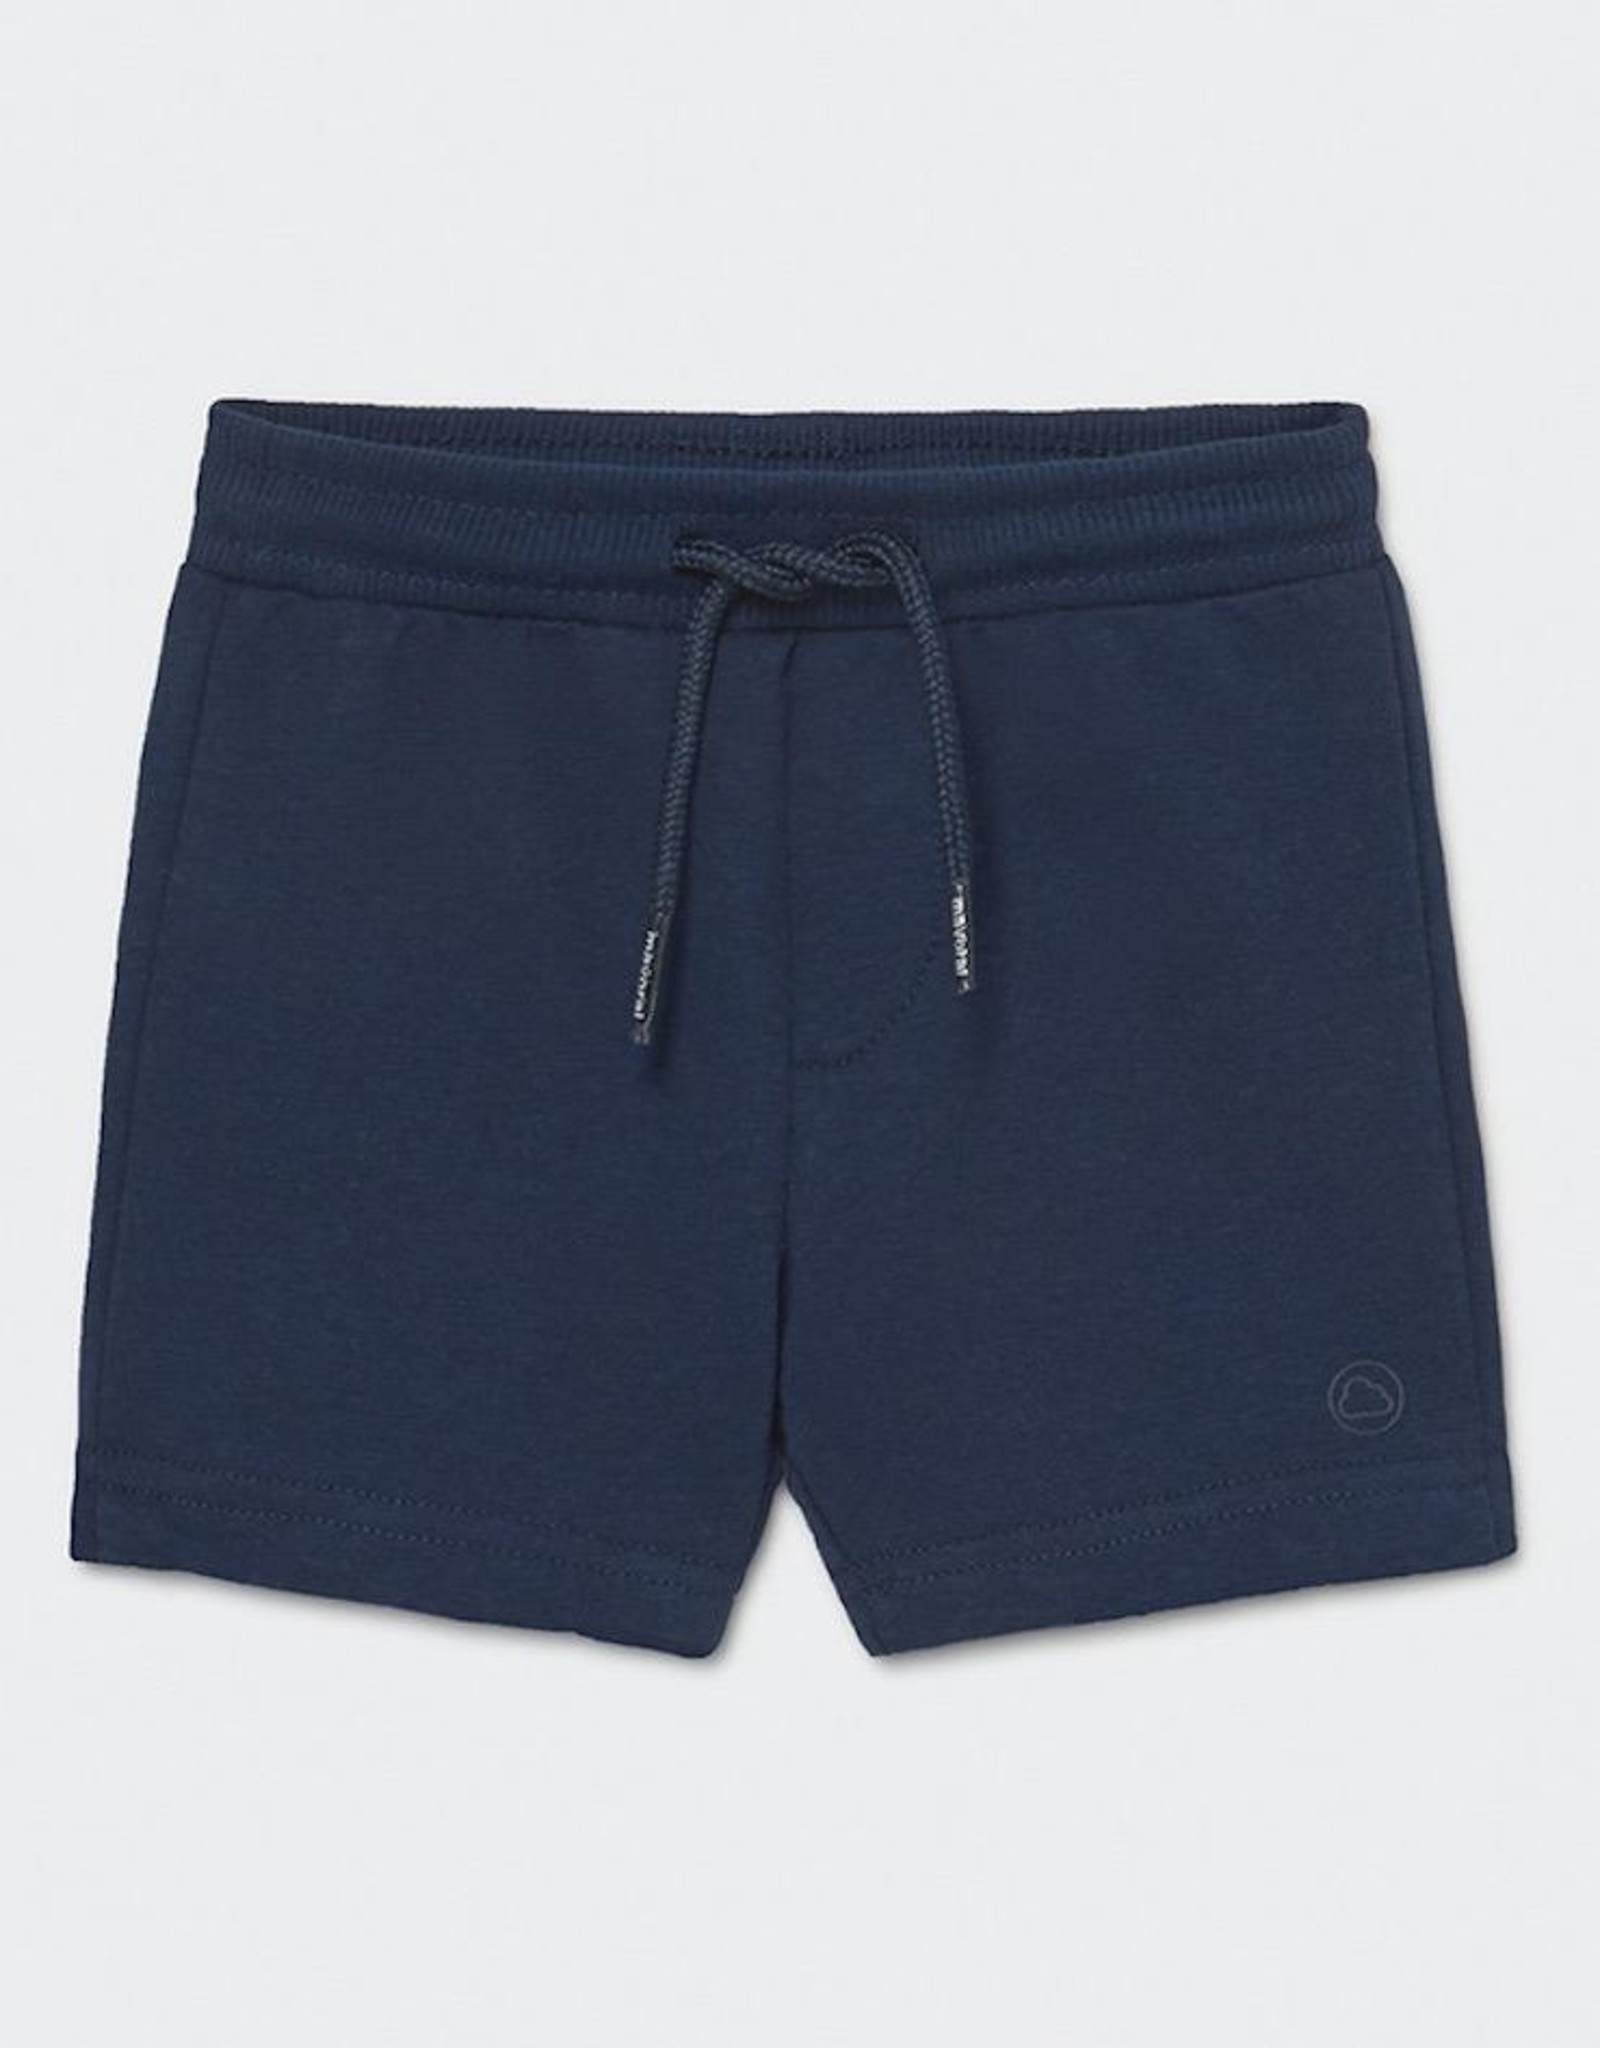 Mayoral Nautical Basic Plush Baby Shorts